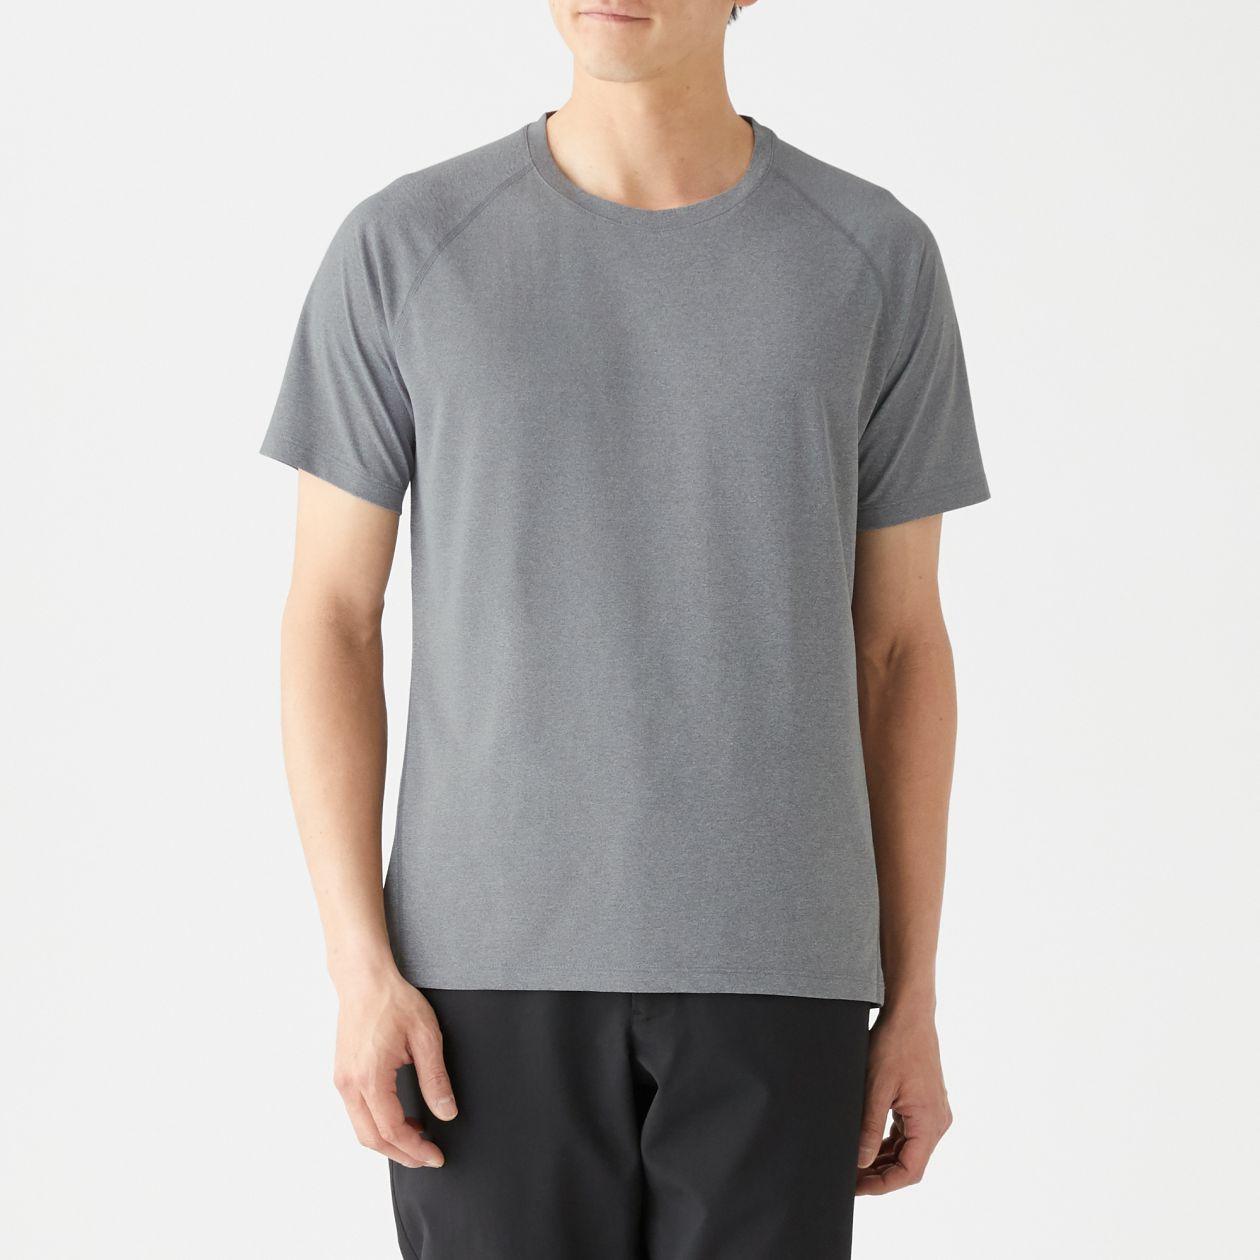 吸汗速乾UVカット半袖Tシャツ(ラグランスリーブ)